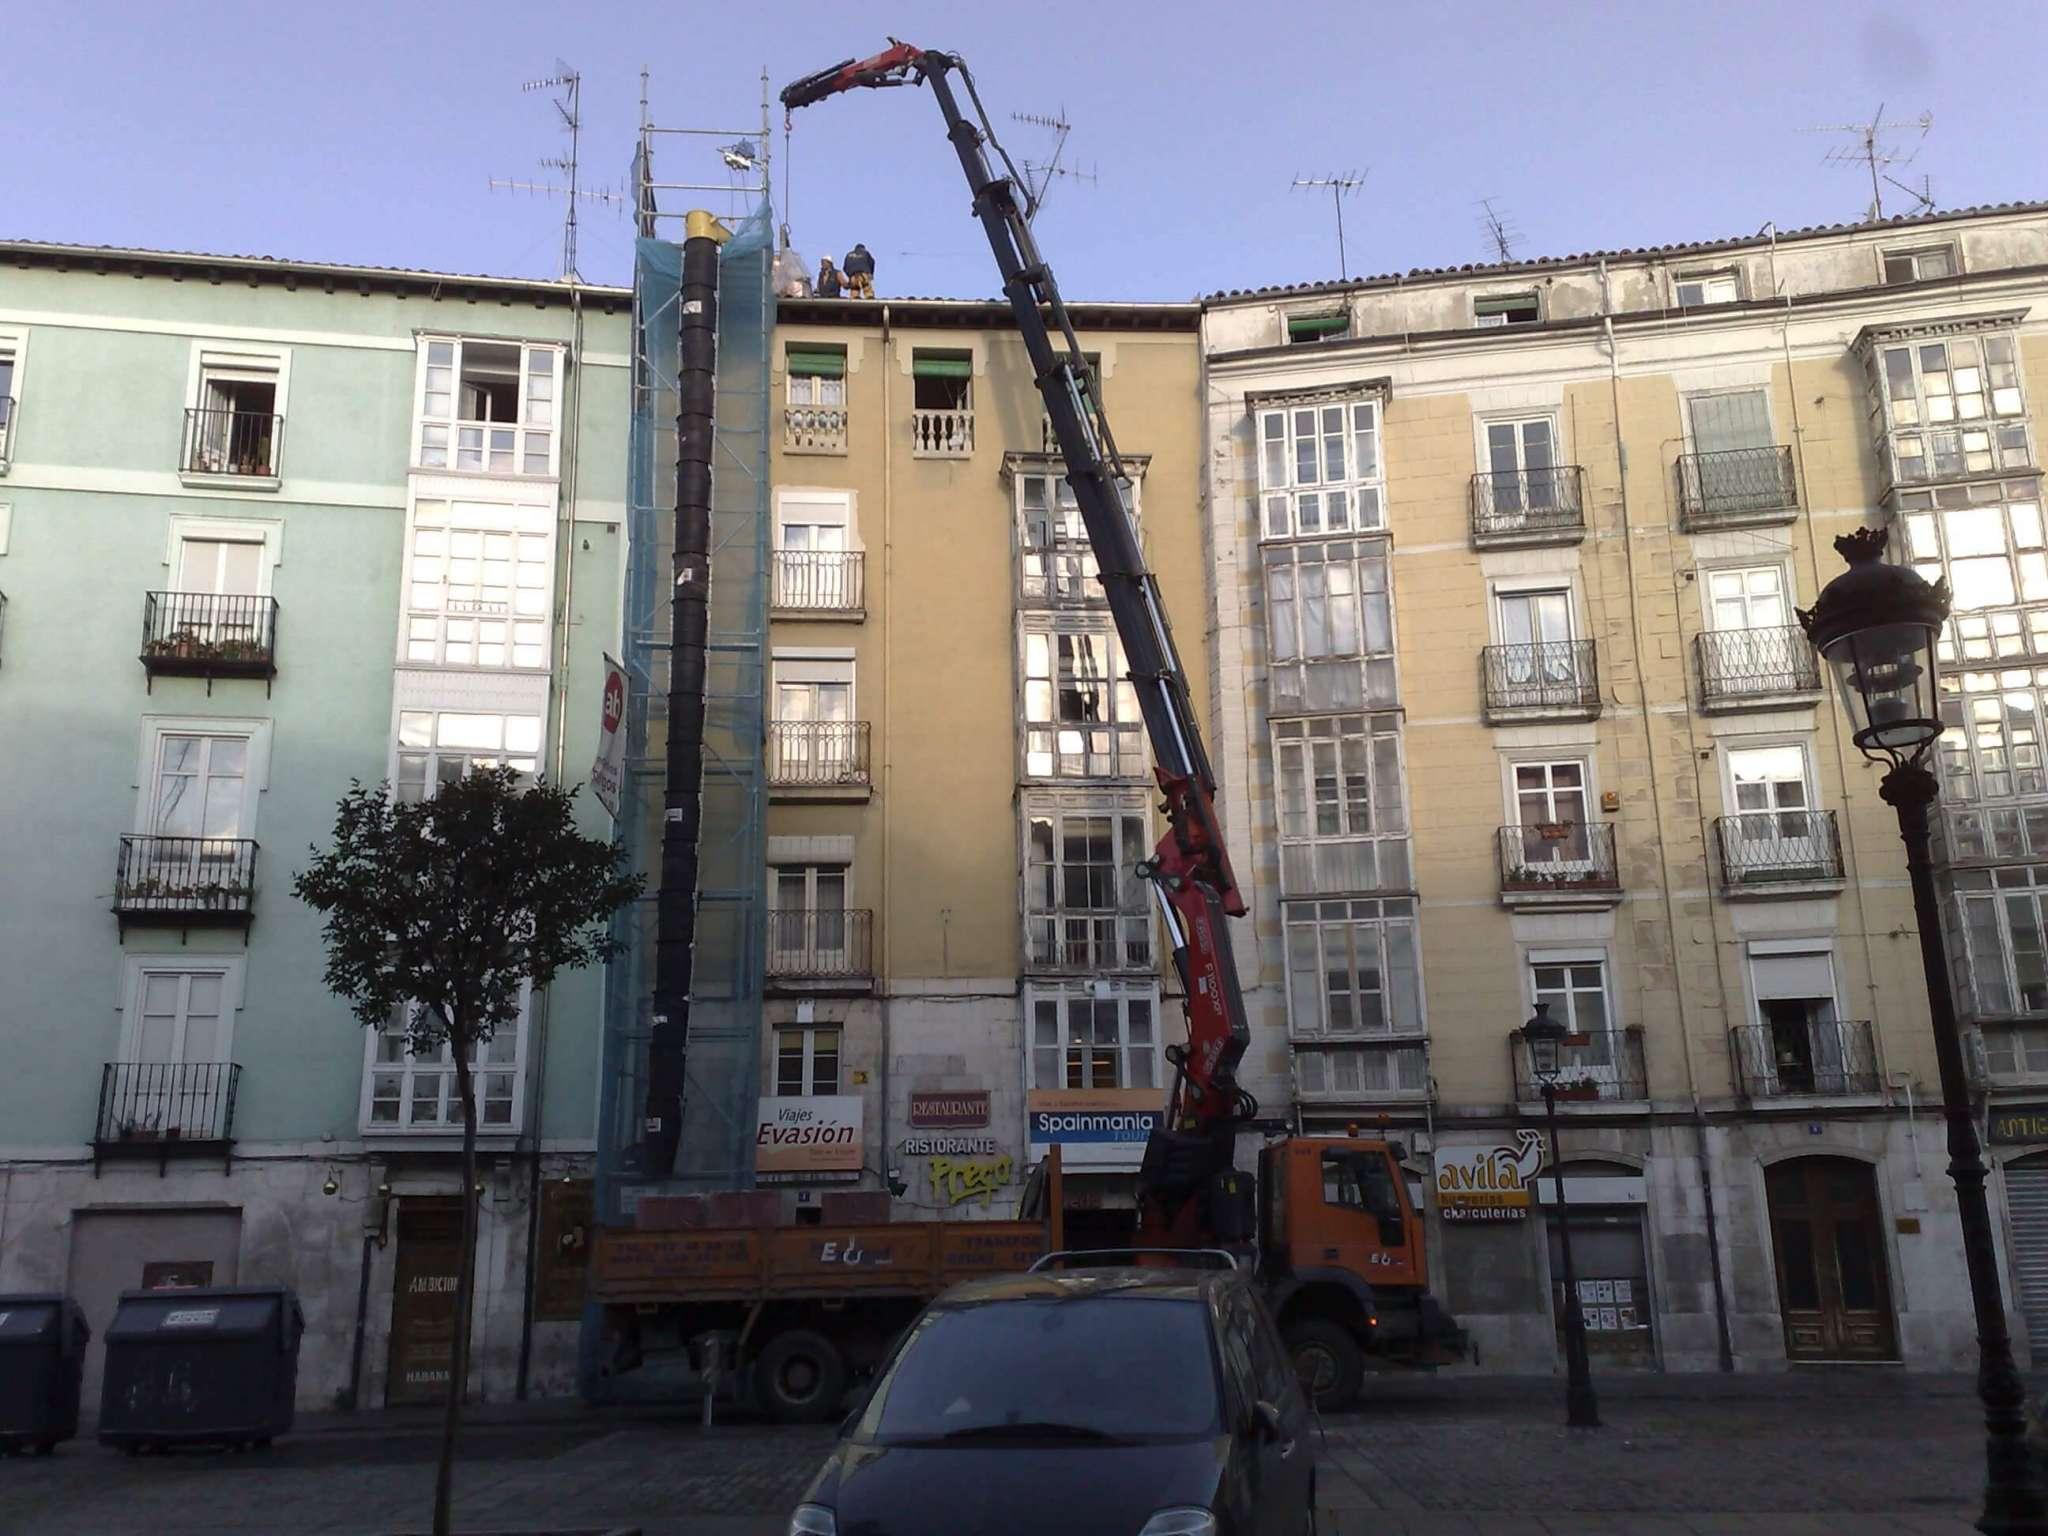 Trabajos profesionales de camiones grua en Burgos